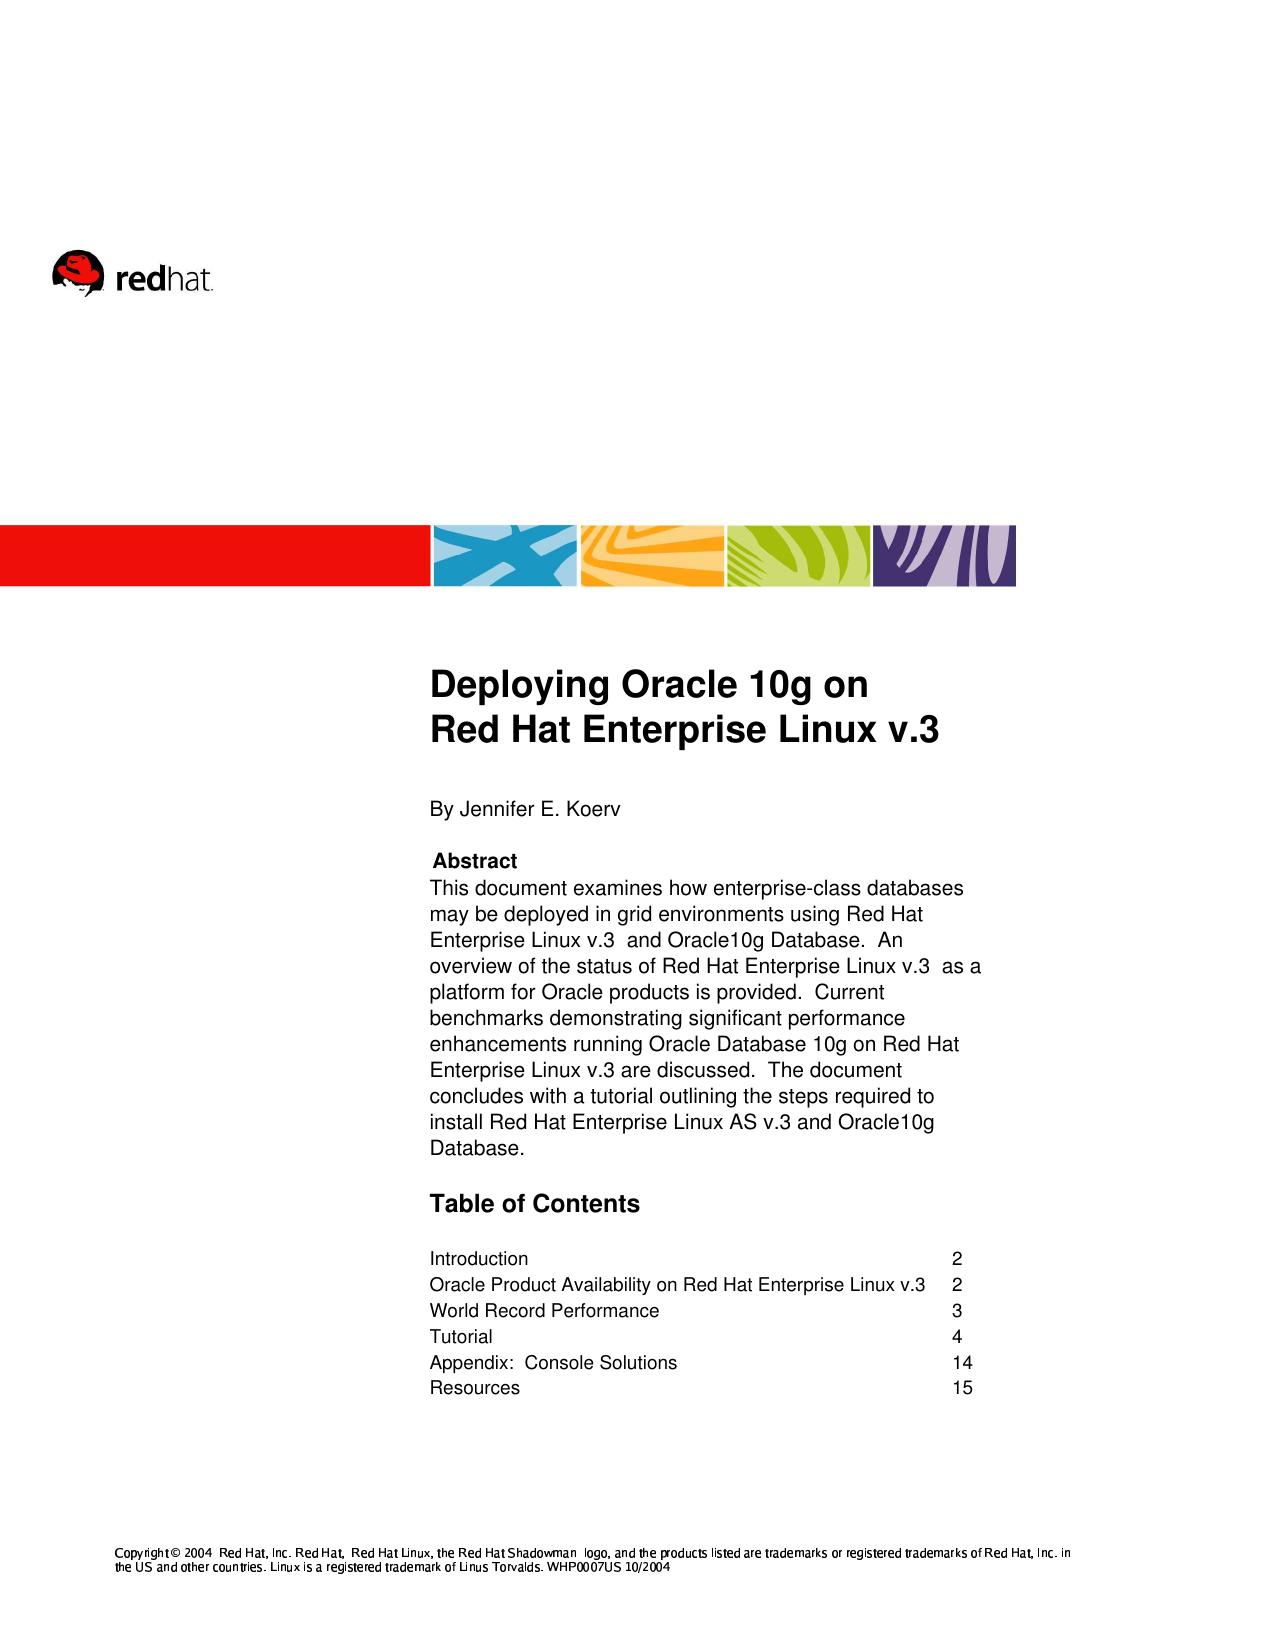 Deploying Oracle 10g on Red Hat Enterprise Linux v 3   manualzz com